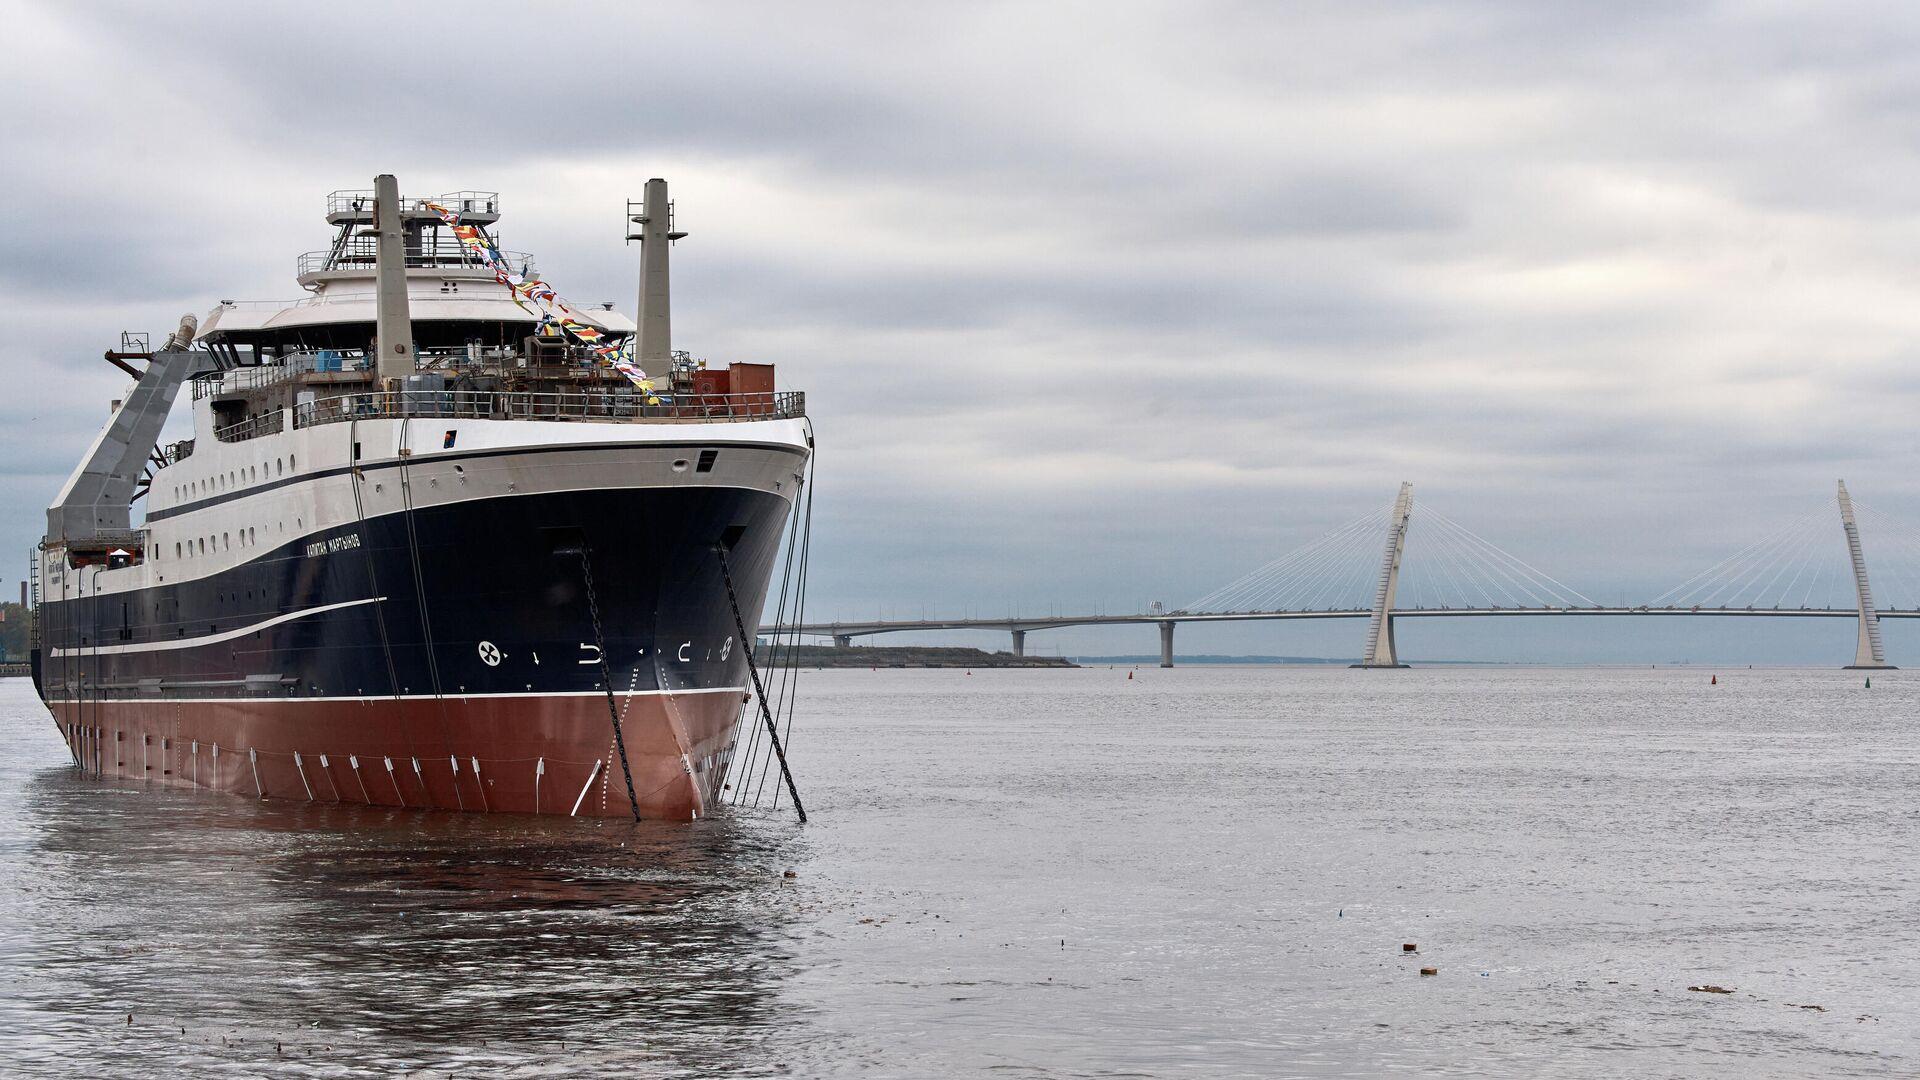 Большое рыболовное морозильное судно проекта СТ-192 Капитан Мартынов во время спуска на воду на Адмиралтейских верфях - РИА Новости, 1920, 24.09.2021